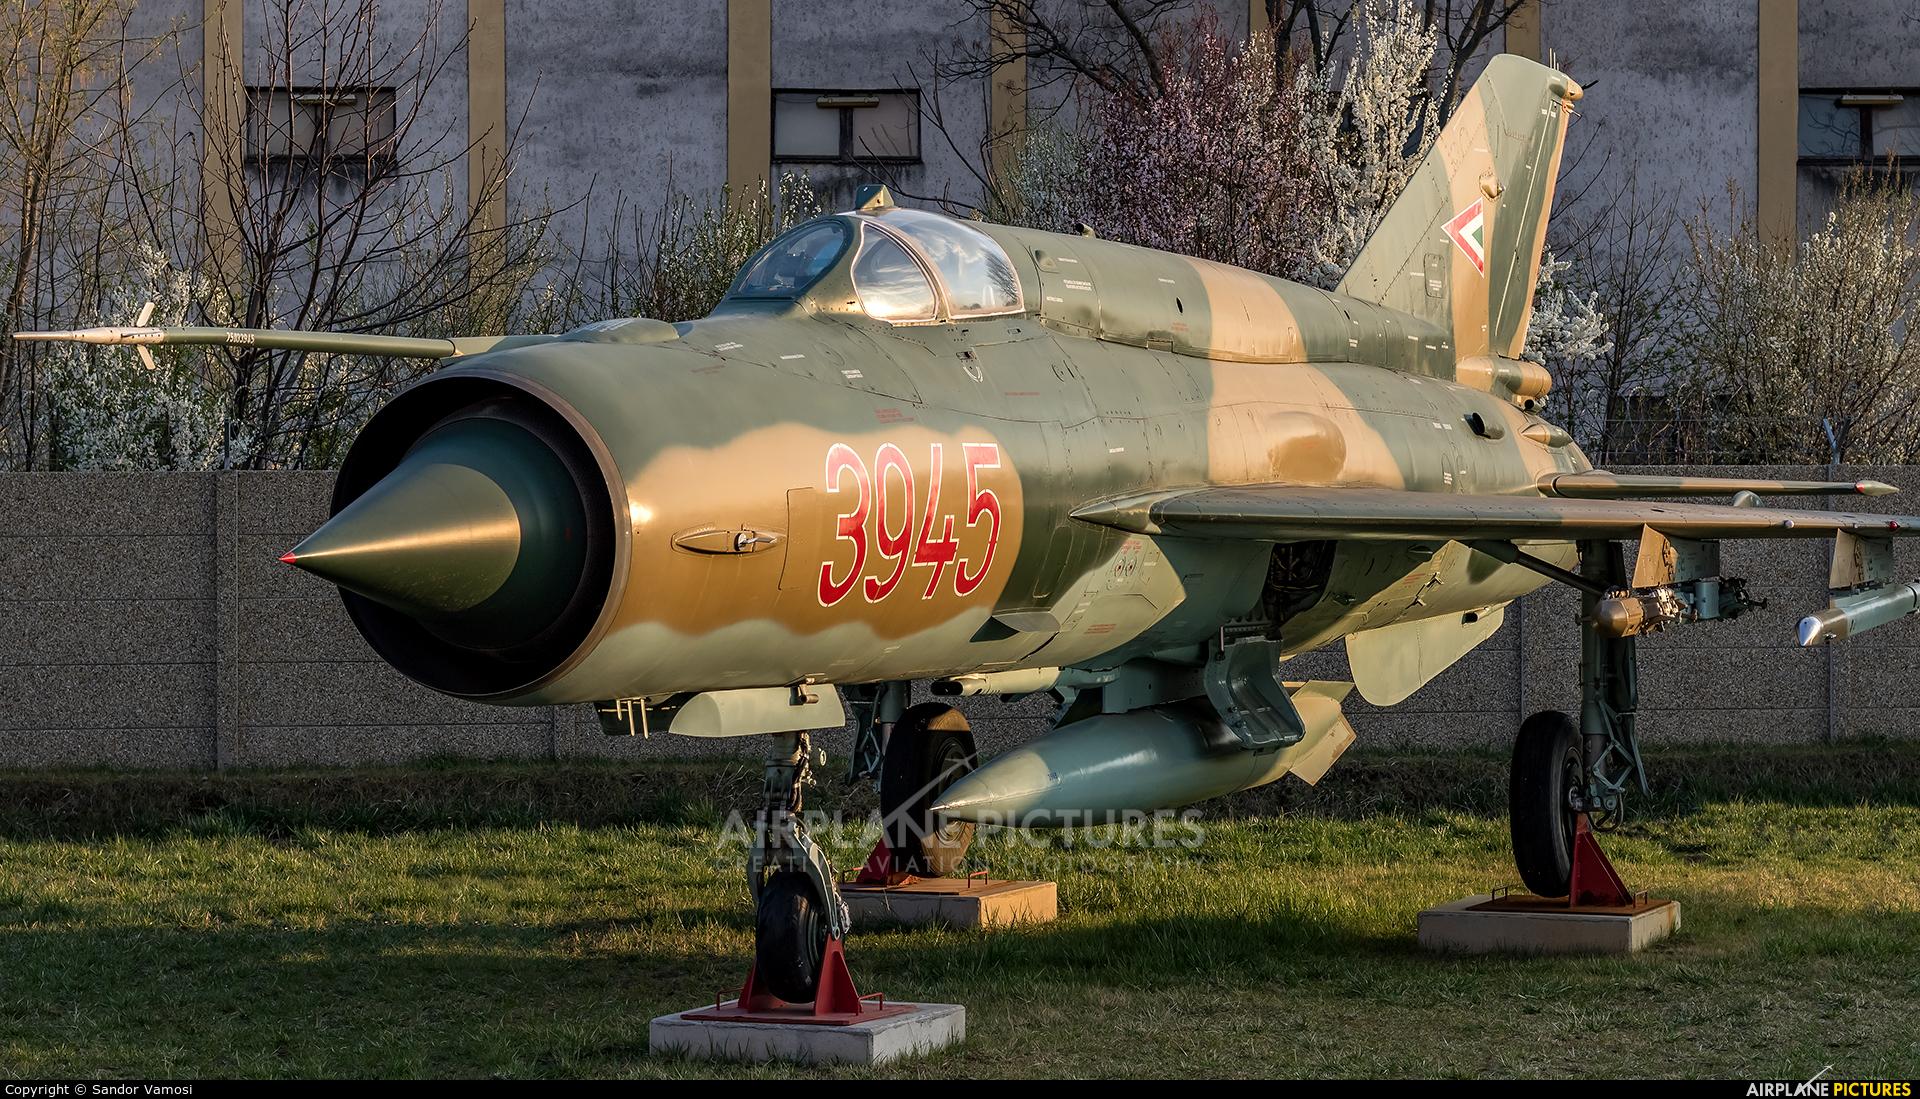 Hungary - Air Force 3945 aircraft at Off Airport - Hungary